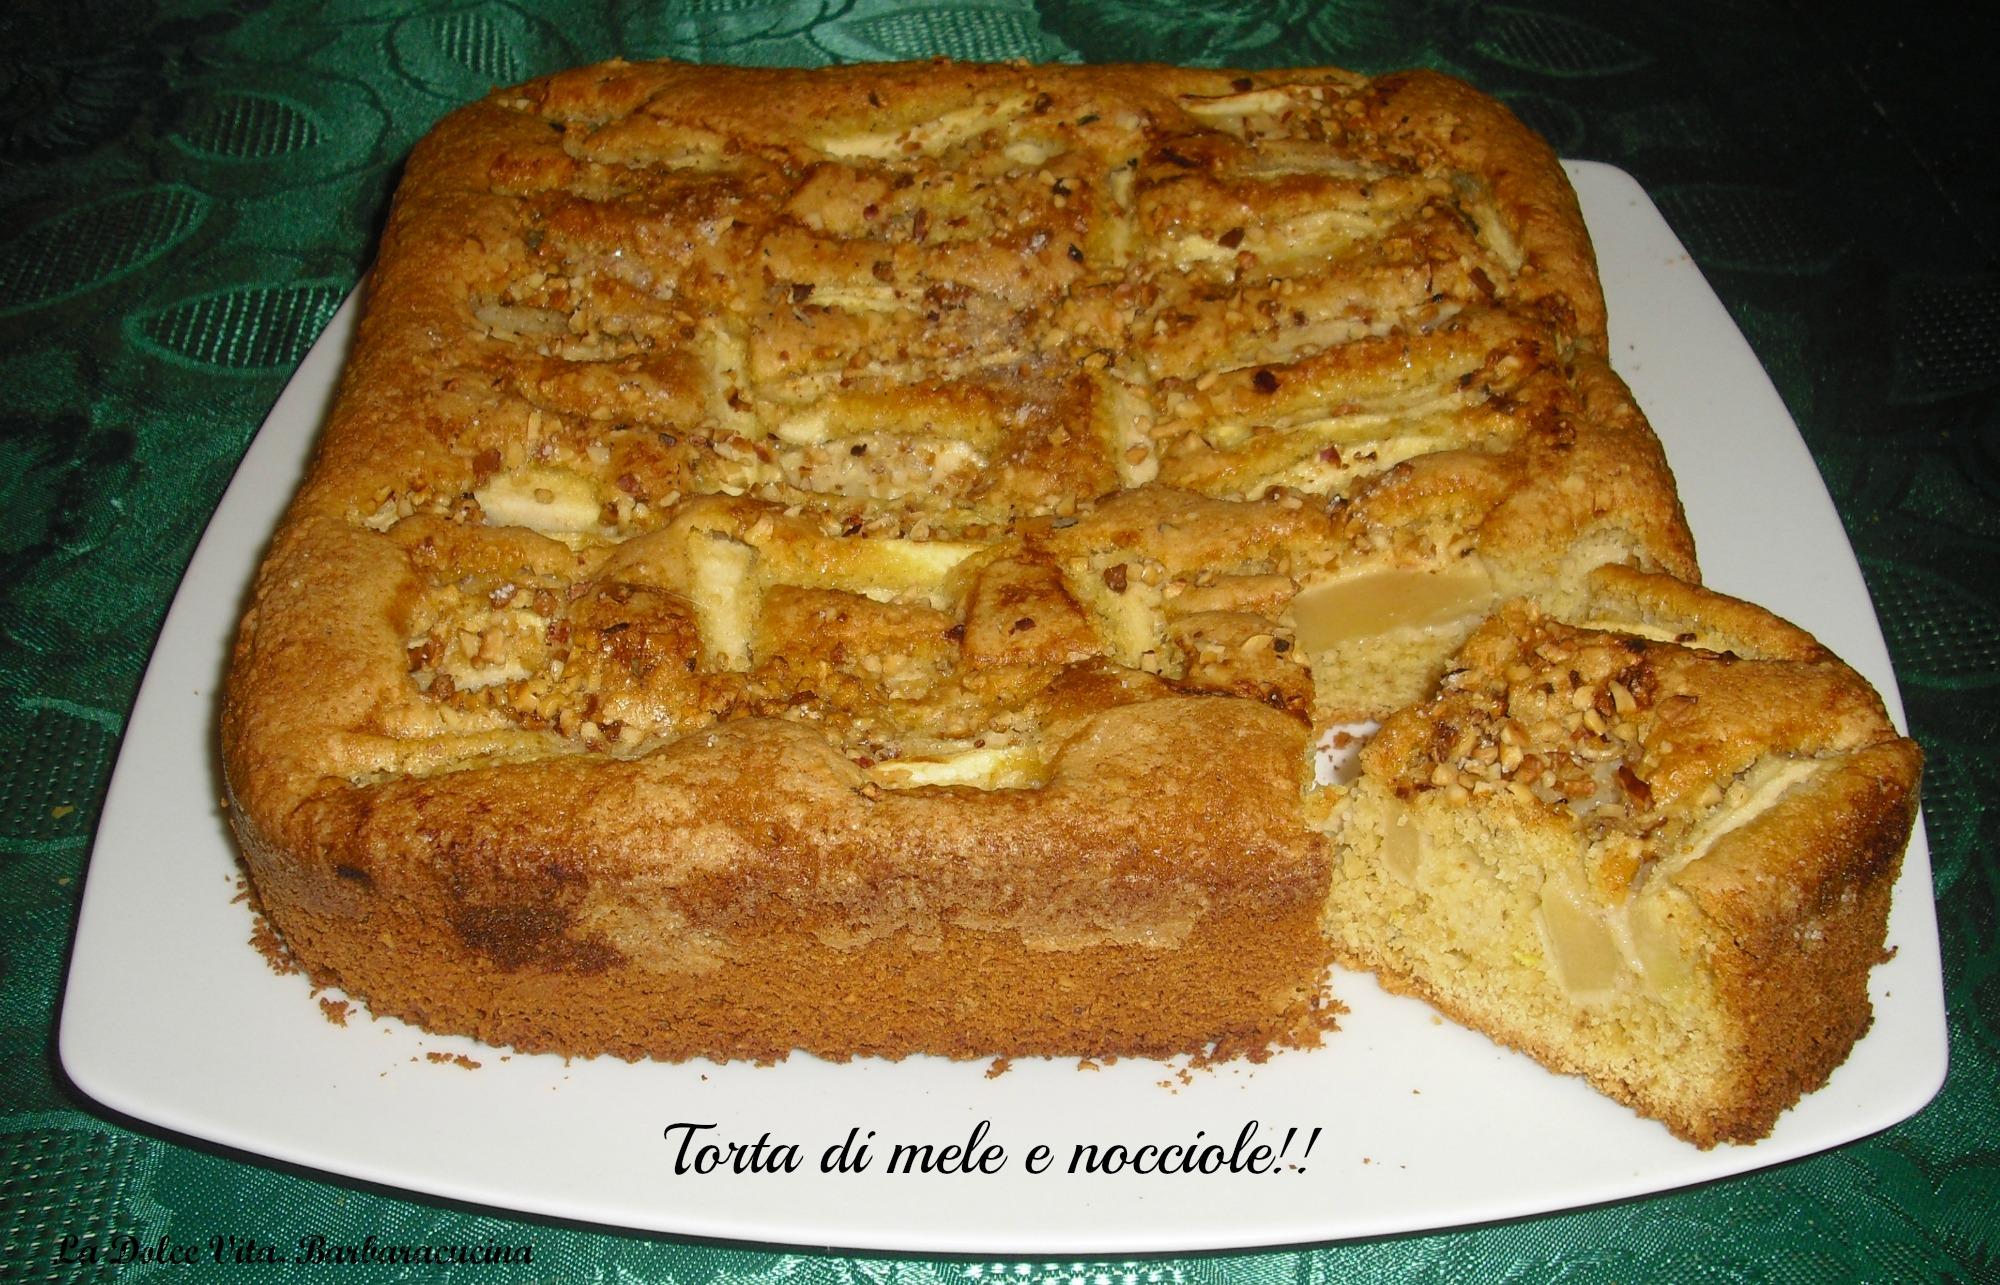 torta di mele e nocciole 3